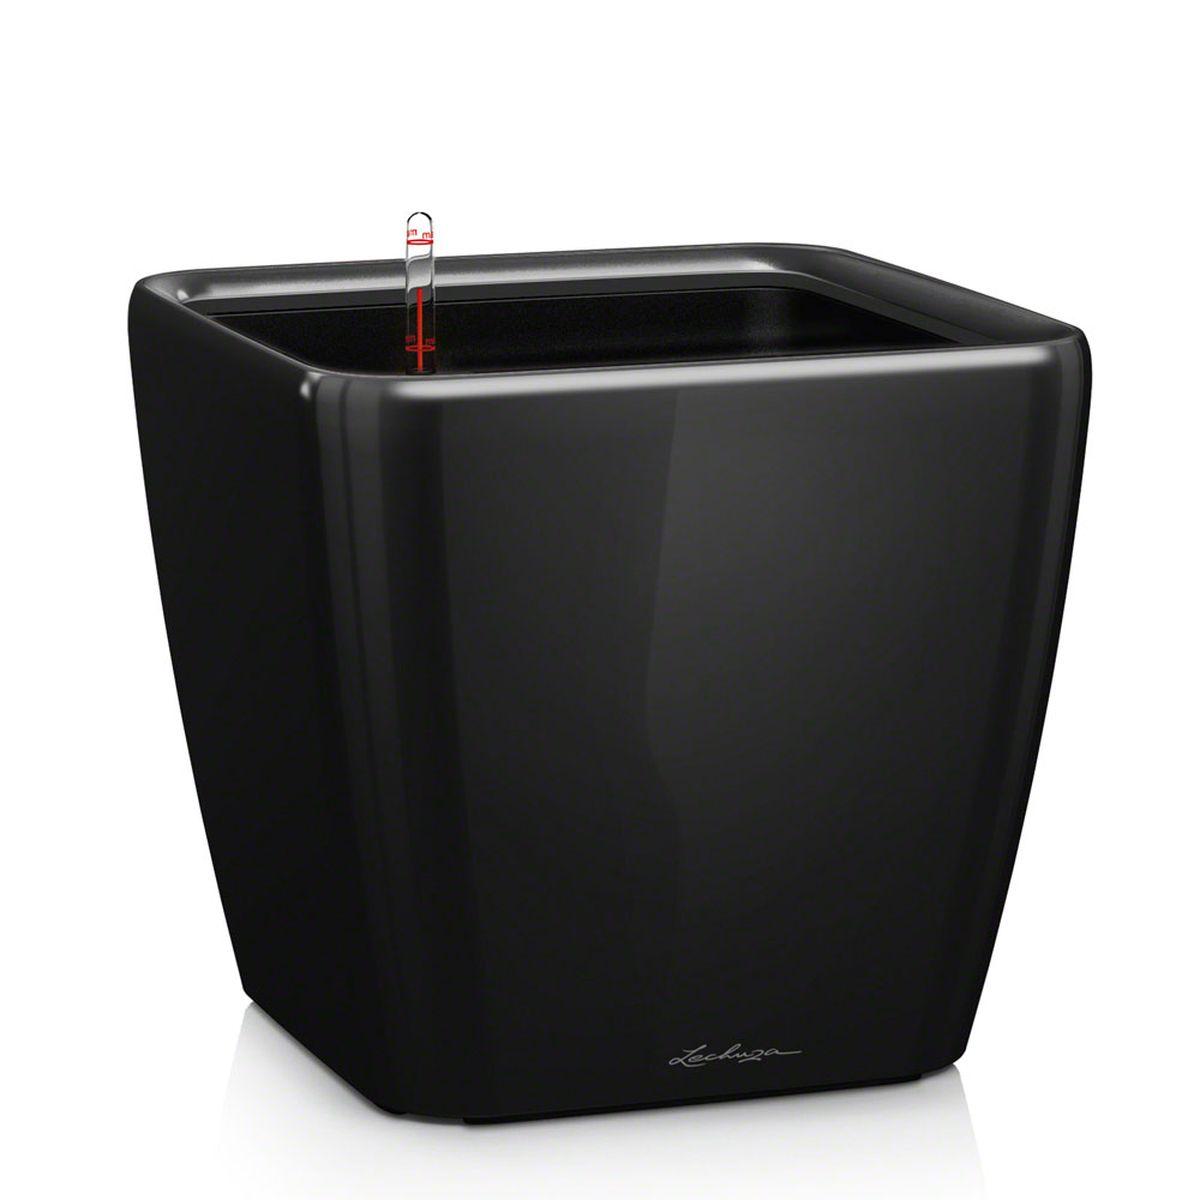 Кашпо Lechuza Quadro, с системой автополива, цвет: черный, 28 х 28 х 26 смZ-0307Кашпо Lechuza Quadro, выполненное из высококачественного пластика, имеет уникальную систему автополива, благодаря которой корневая система растения непрерывно снабжается влагой из резервуара. Уровень воды в резервуаре контролируется с помощью специального индикатора. В зависимости от размера кашпо и растения воды хватает на 2-12 недель. Это способствует хорошему росту цветов и предотвращает переувлажнение.В набор входит: кашпо, внутренний горшок с выдвижной эргономичной ручкой, индикатор уровня воды, вал подачи воды, субстрат растений в качестве дренажного слоя, резервуар для воды.Кашпо Lechuza Quadro прекрасно впишется в любой интерьер. Оно поможет расставить нужные акценты, а также придаст помещению вид, соответствующий вашим представлениям.